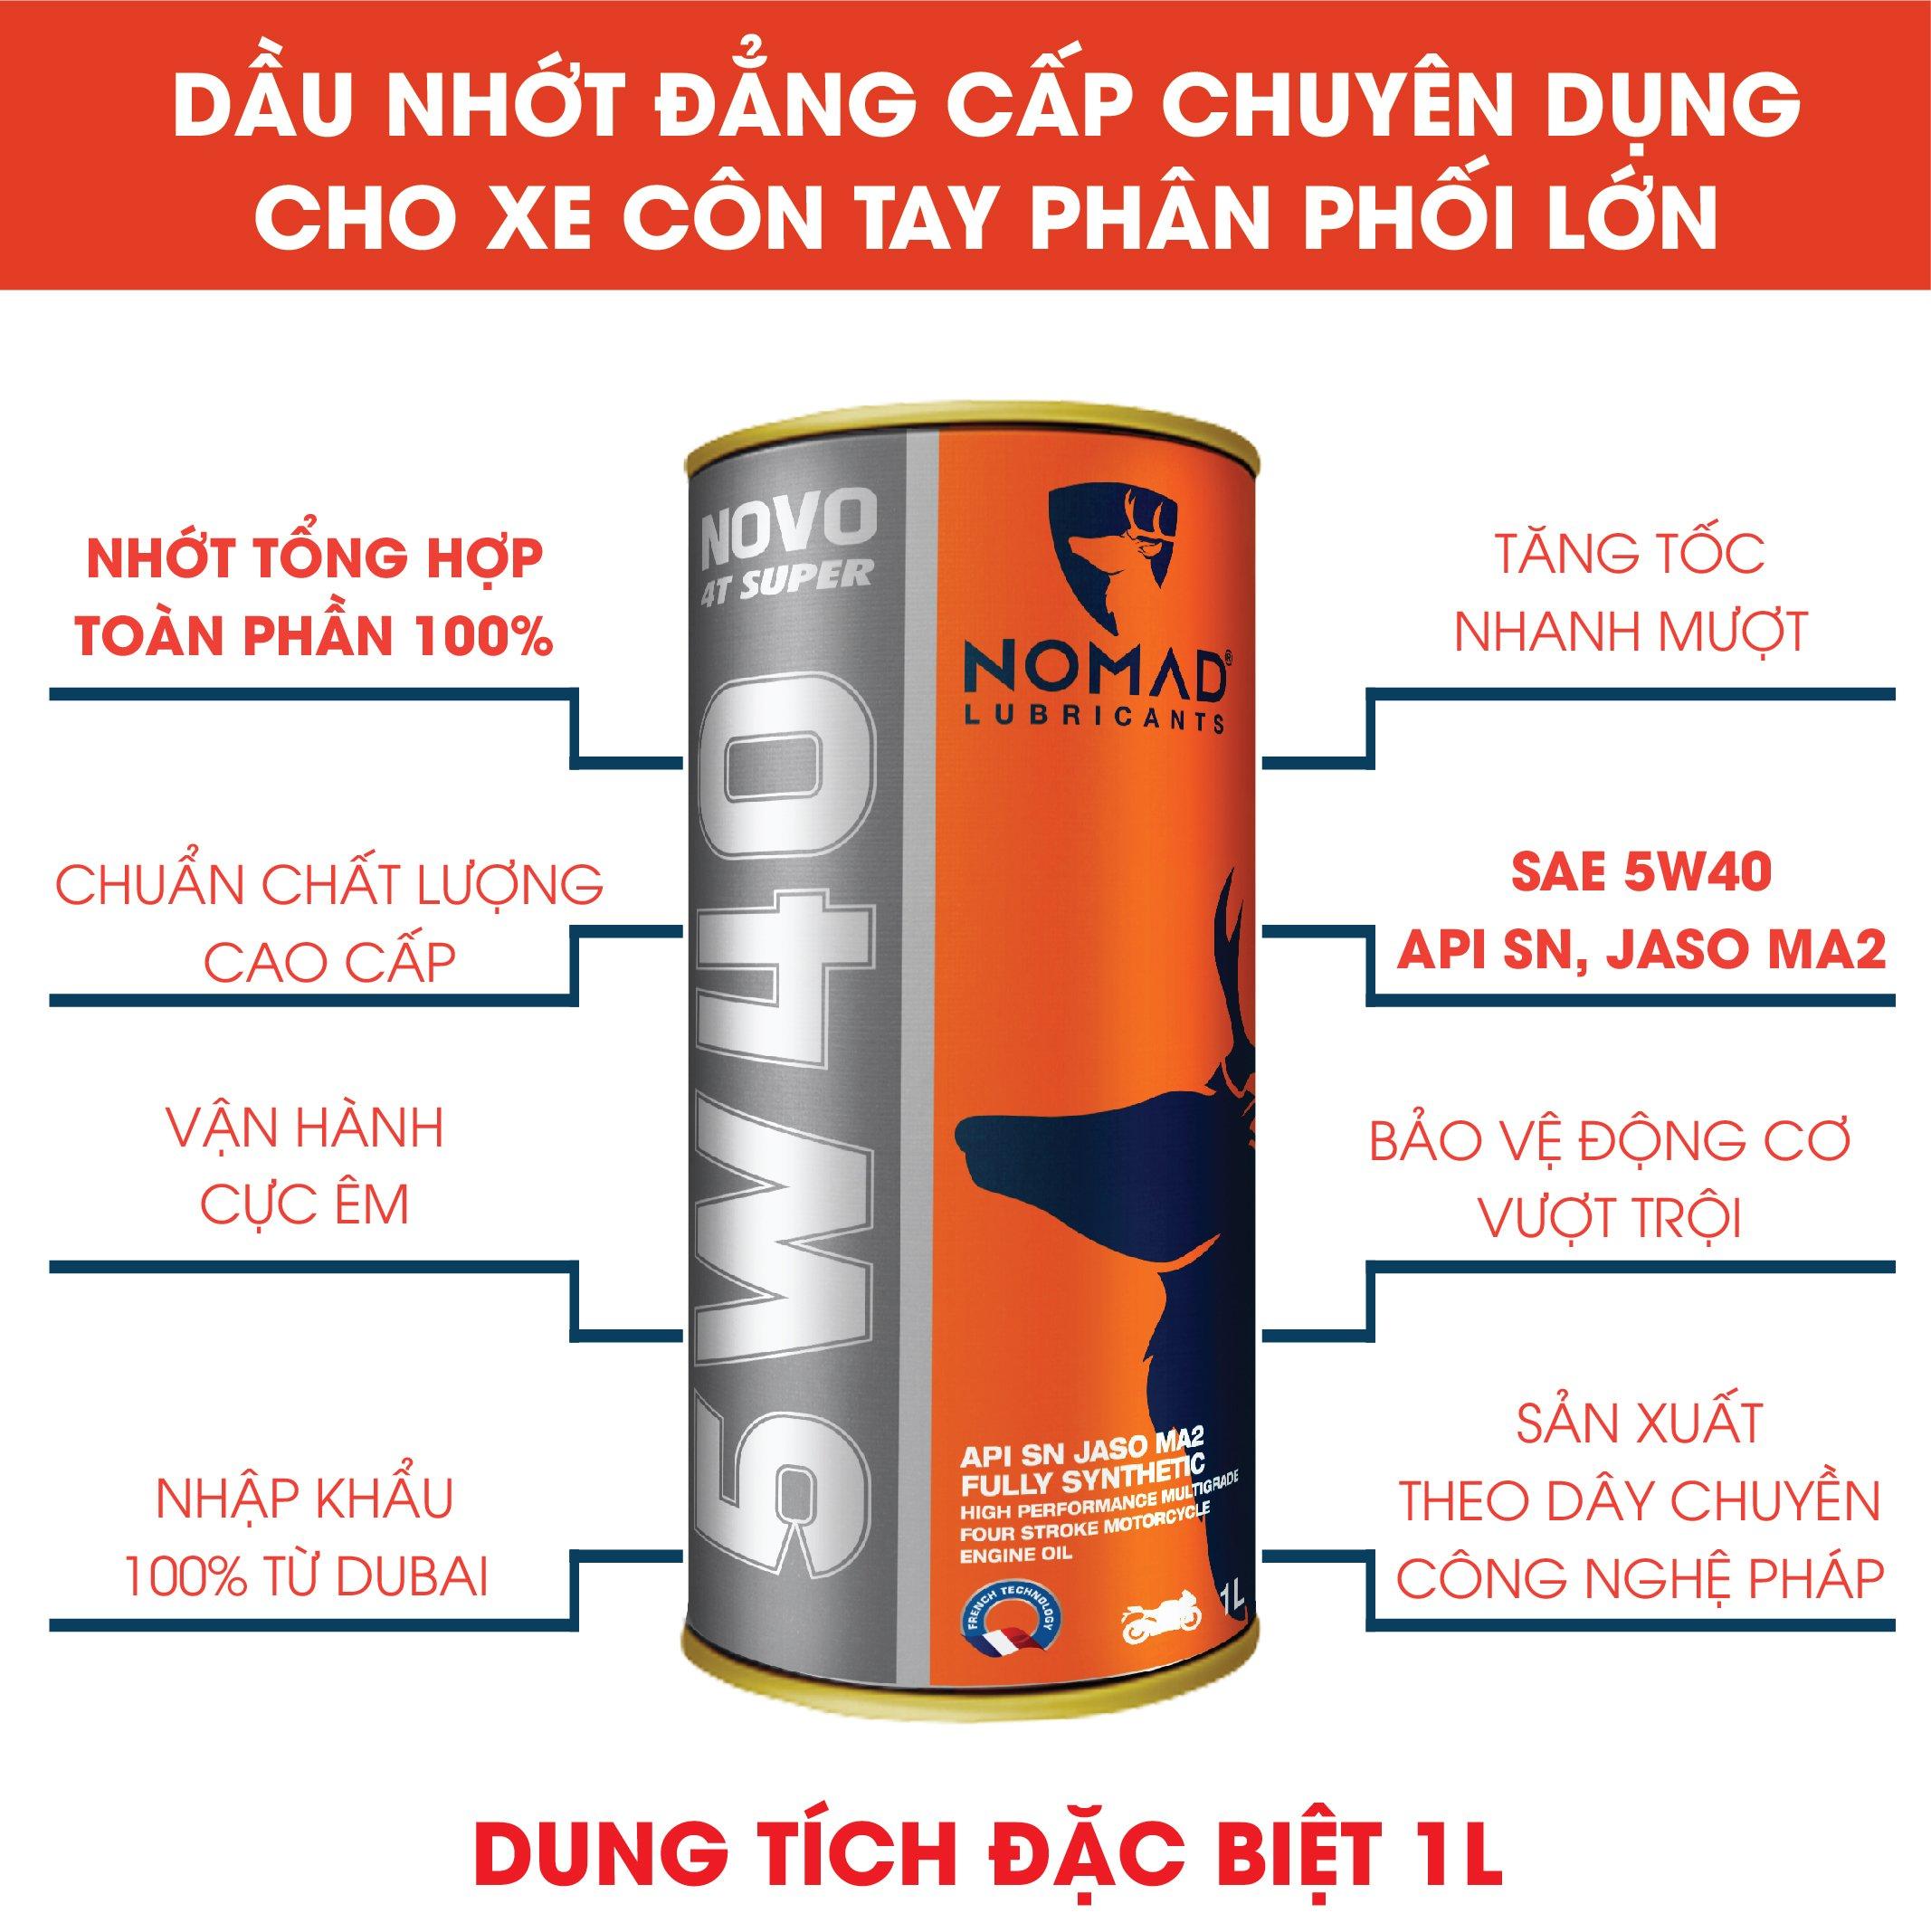 3 LON NHỚT NOMAD 1L - 1.1L - 1.3L DÀNH CHO XE CÔN TAY - TỔNG HỢP TOÀN PHẦN 100% SAE 5W40 - API SN - JASO MA2 TẶNG 1 CHAI NƯỚC MÁT NOMAD 1L PHA SẴN